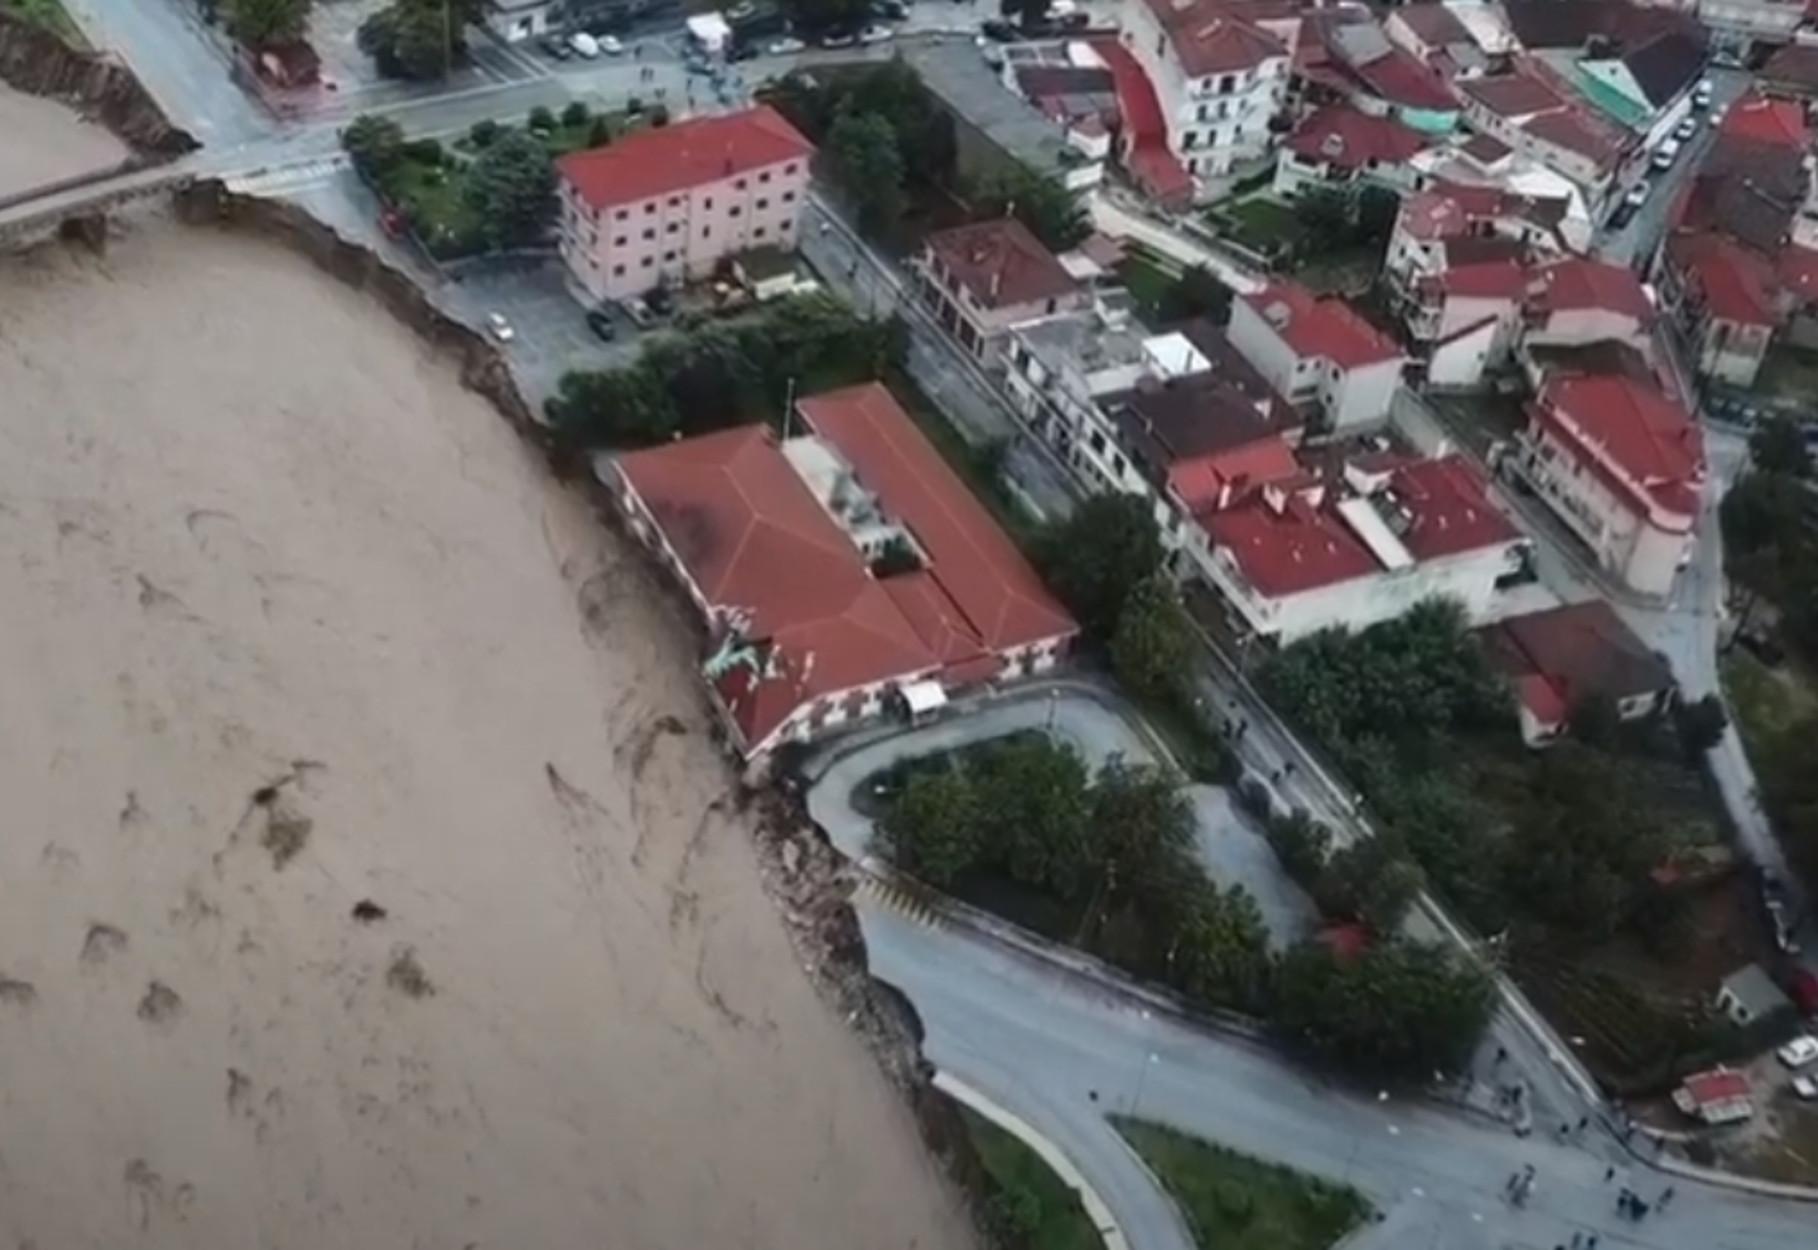 Έκτακτο επίδομα 10.000 ευρώ σε όσους έχασαν δικό τους πρόσωπο από φυσική καταστροφή